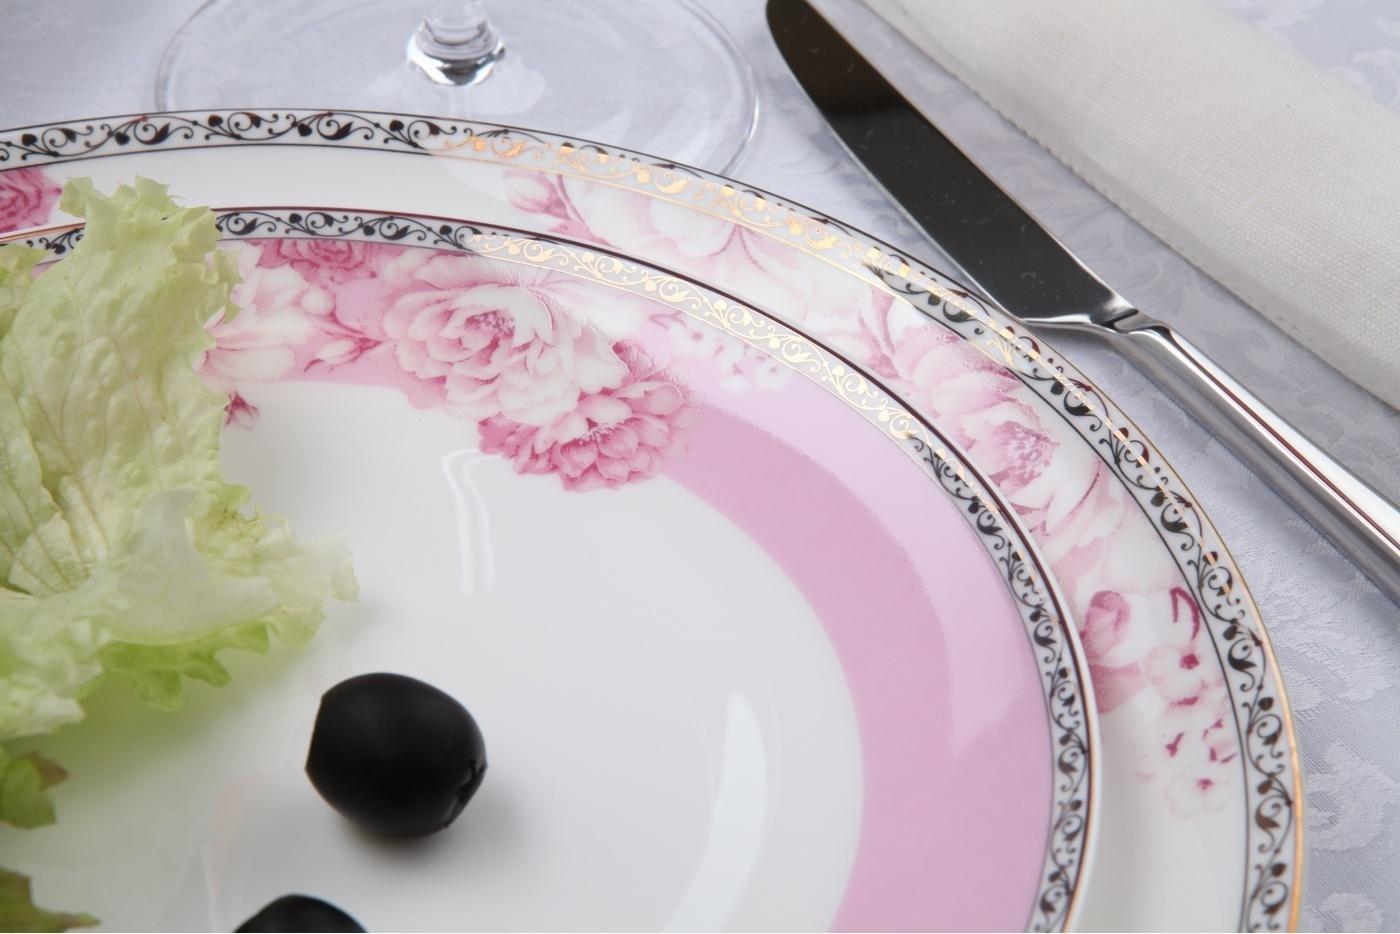 Столовый сервиз Royal Aurel Пион арт.328, 27 предметовСтоловые сервизы<br>Столовый сервиз Royal Aurel Пион арт.328, 27 предметов<br><br><br><br><br><br><br><br><br><br><br><br>Тарелка плоская 25,5 см, 6 шт.<br>Тарелка плоская 20 см, 6 шт.<br>Тарелка суповая 19,5 см, 6 шт.<br>Салатник 15 см, 6 шт.<br><br><br><br><br><br><br><br><br>Блюдо овальное 31см<br>Солонка и перечница<br><br><br><br><br><br><br><br>Производить посуду из фарфора начали в Китае на стыке 6-7 веков. Неустанно совершенствуя и селективно отбирая сырье для производства посуды из фарфора, мастерам удалось добиться выдающихся характеристик фарфора: белизны и тонкостенности. В XV веке появился особый интерес к китайской фарфоровой посуде, так как в это время Европе возникла мода на самобытные китайские вещи. Роскошный китайский фарфор являлся изыском и был в новинку, поэтому он выступал в качестве подарка королям, а также знатным людям. Такой дорогой подарок был очень престижен и по праву являлся элитной посудой. Как известно из многочисленных исторических документов, в Европе китайские изделия из фарфора ценились практически как золото. <br>Проверка изделий из костяного фарфора на подлинность <br>По сравнению с производством других видов фарфора процесс производства изделий из настоящего костяного фарфора сложен и весьма длителен. Посуда из изящного фарфора - это элитная посуда, которая всегда ассоциируется с богатством, величием и благородством. Несмотря на небольшую толщину, фарфоровая посуда - это очень прочное изделие. Для демонстрации плотности и прочности фарфора можно легко коснуться предметов посуды из фарфора деревянной палочкой, и тогда мы услушим характерный металлический звон. В составе фарфоровой посуды присутствует костяная зола, благодаря чему она может быть намного тоньше (не более 2,5 мм) и легче твердого или мягкого фарфора. Безупречная белизна - ключевой признак отличия такого фарфора от других. Цвет обычного фарфора сероватый или ближе к голубоватому, а костяной фарфор будет всегда б